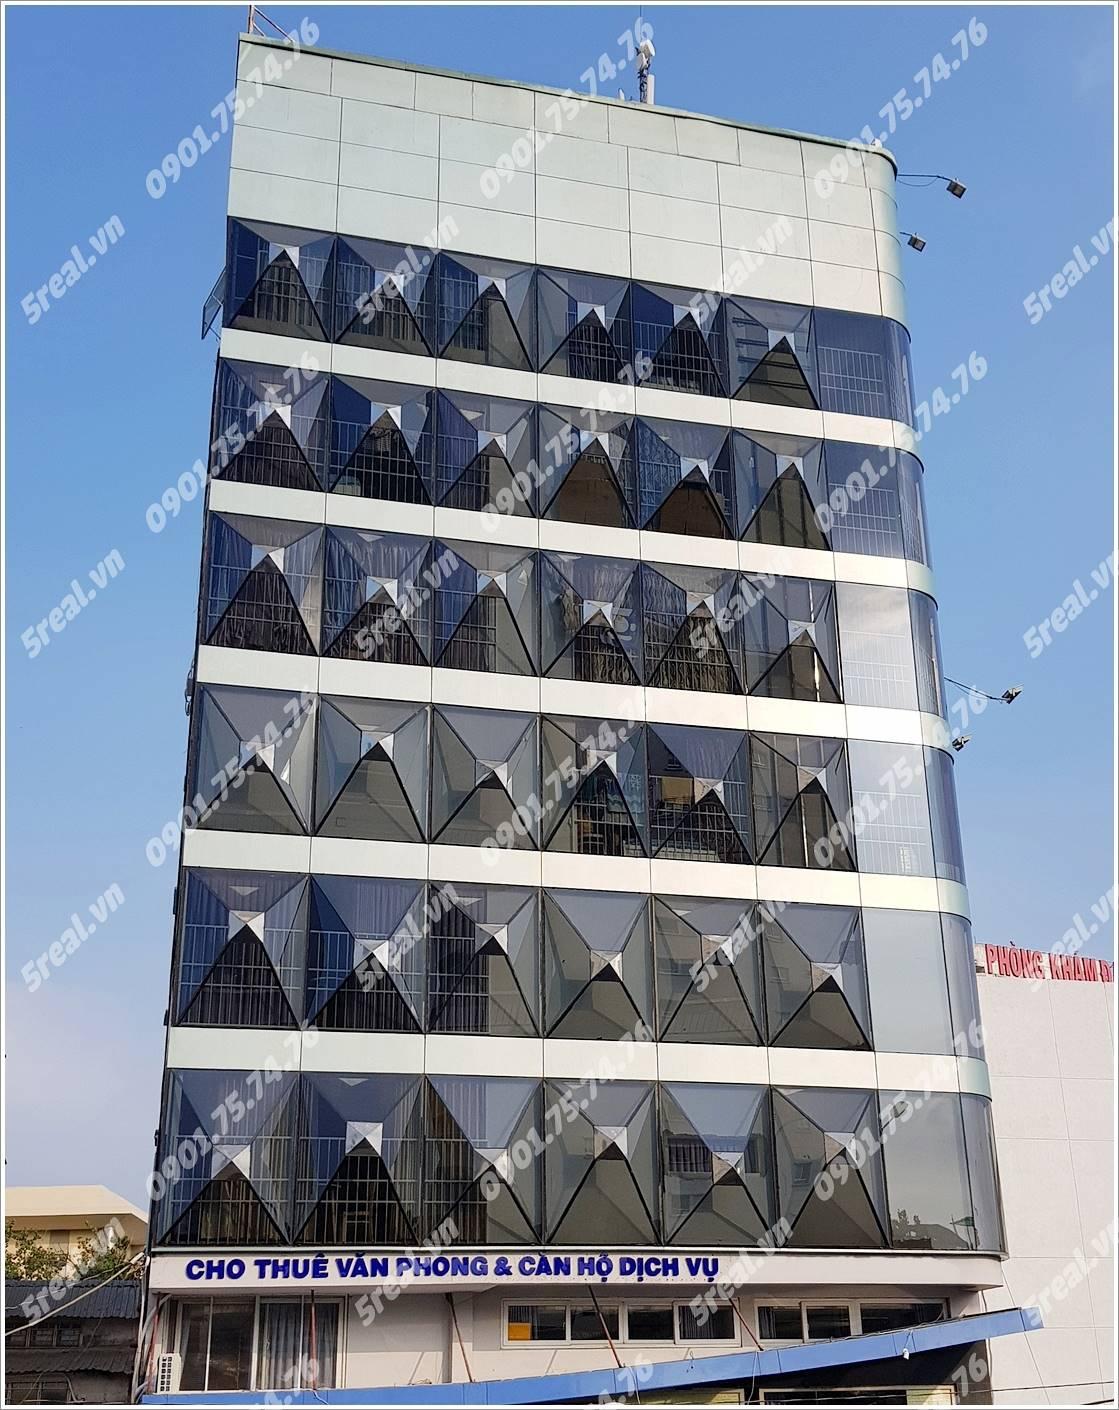 nguyen-bieu-building-quan5-van-phong-cho-thue-tphcm-5real.vn-02